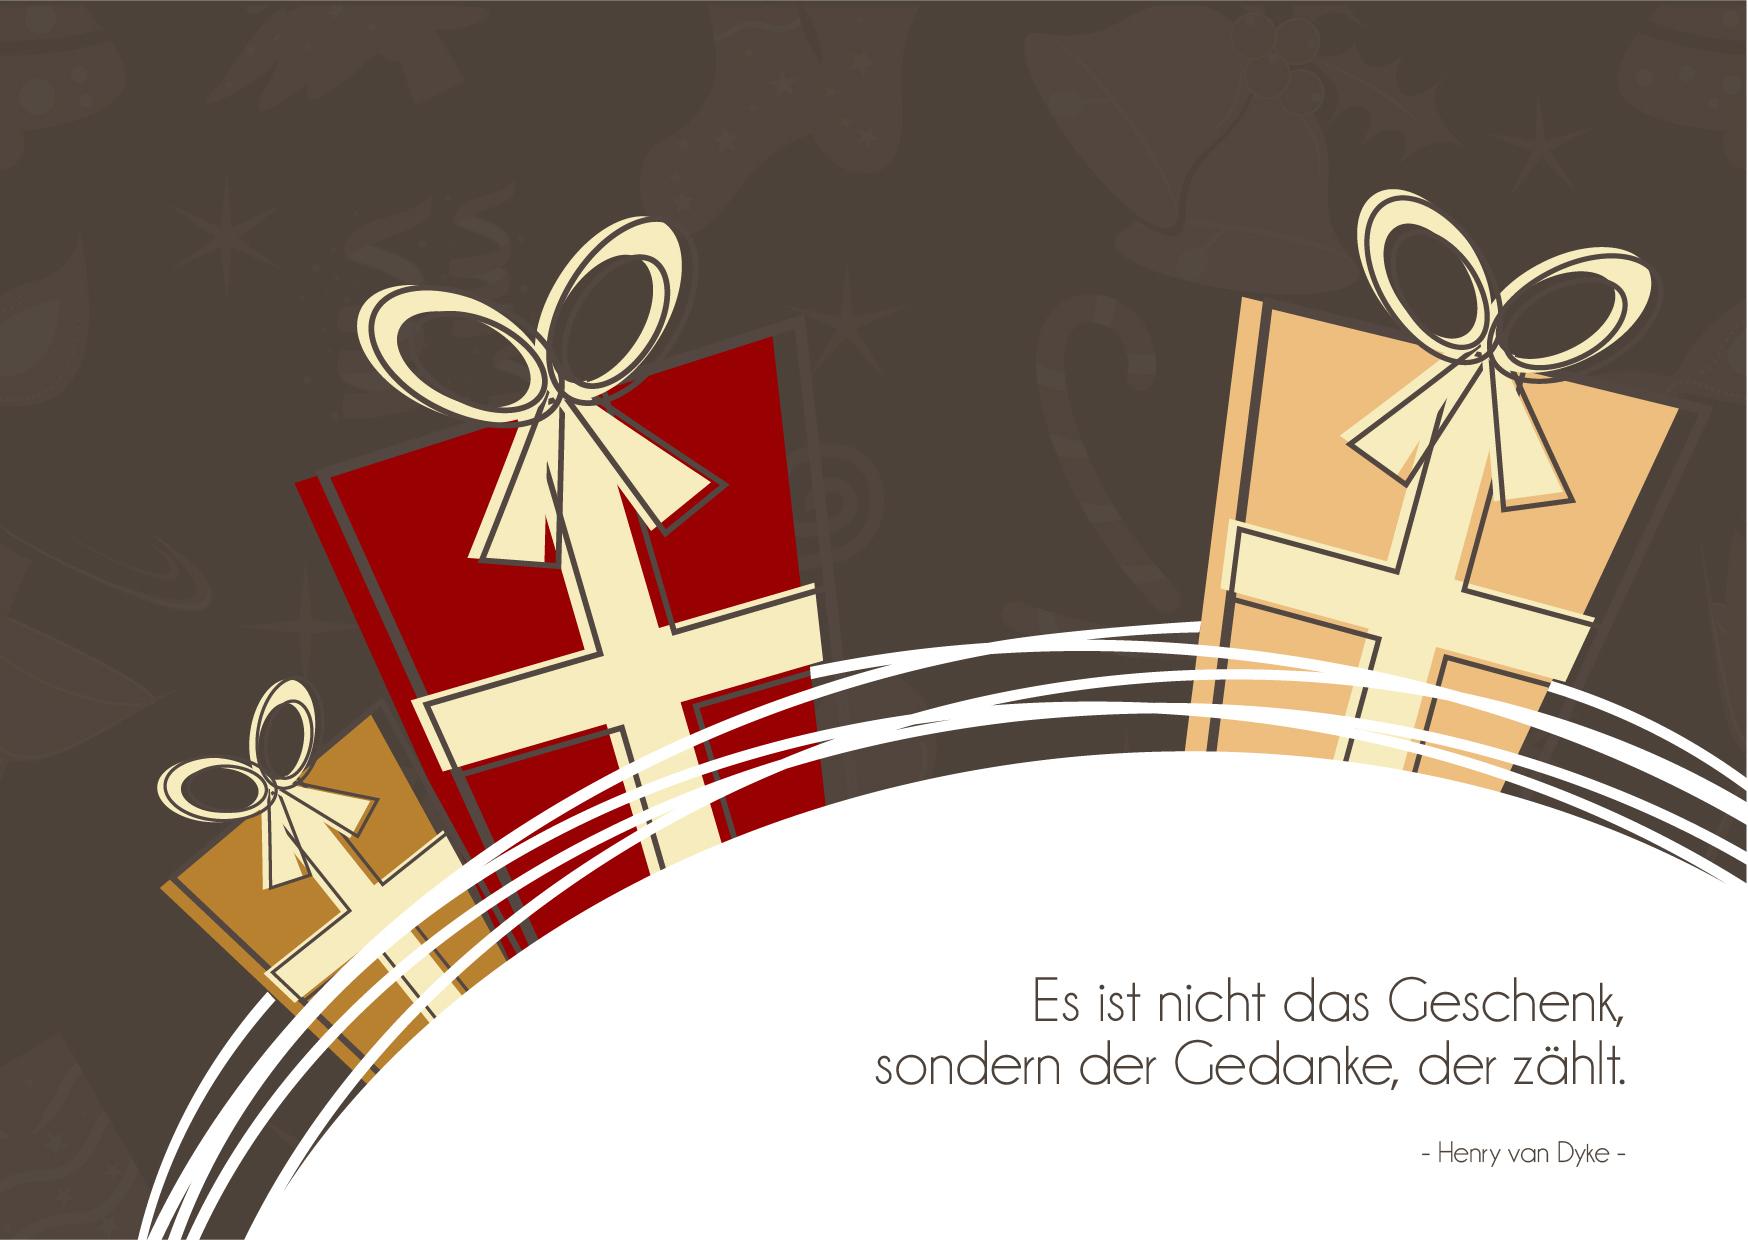 """Weihnachtsgrüße als Karte zum Drucken: Zitat """"Es ist nicht das Geschenk, sondern der Gedanke der zählt"""". (#6)"""